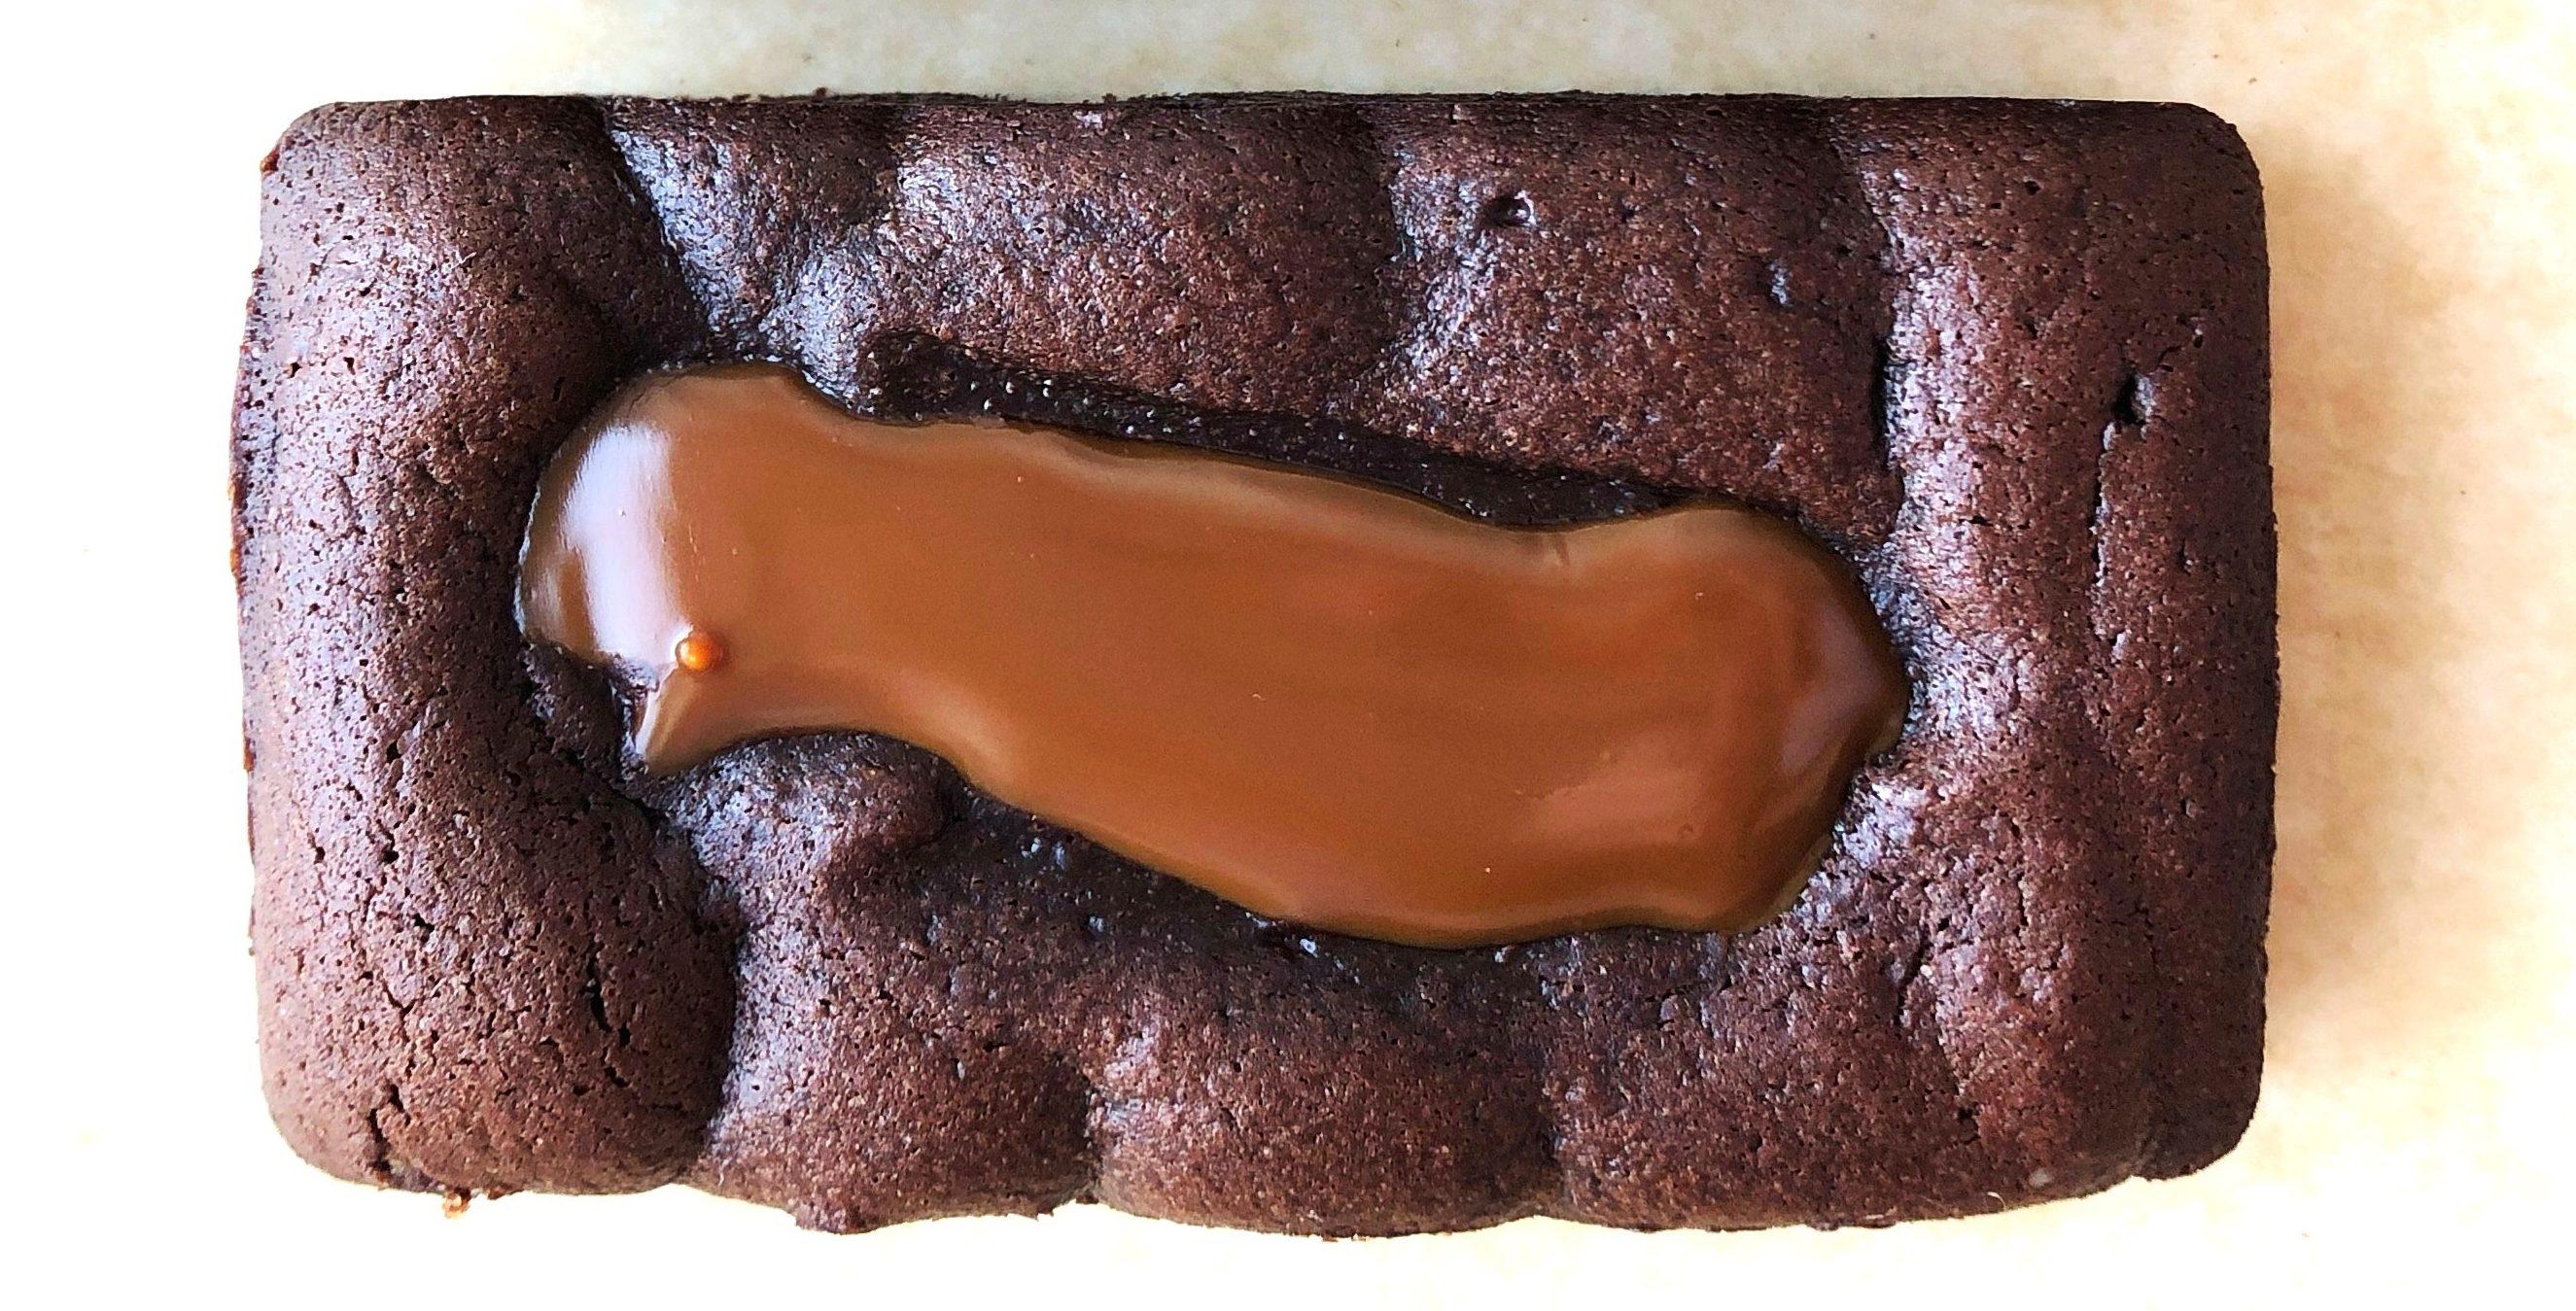 Letterbox Brownie – Dulce de Leche (serves 1)